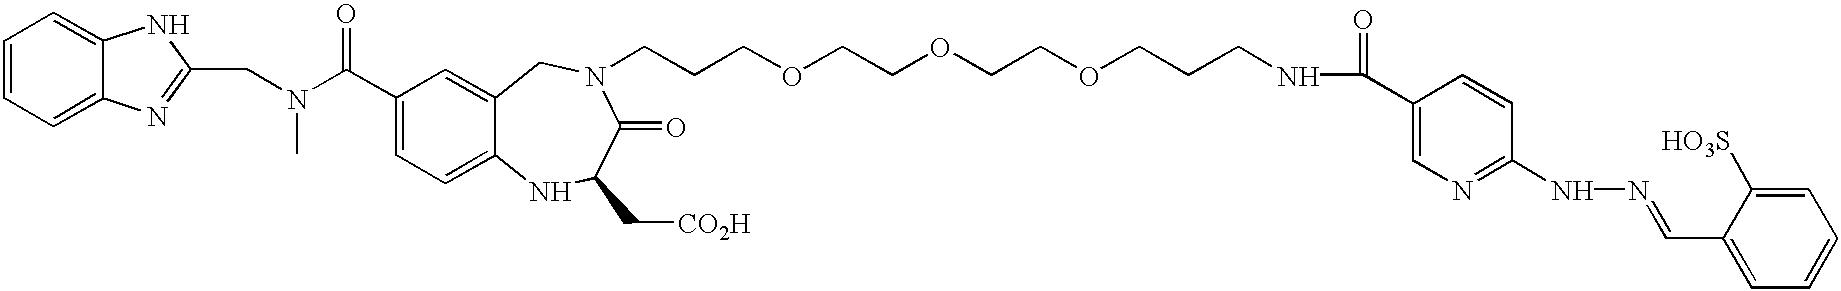 Figure US06558649-20030506-C00090